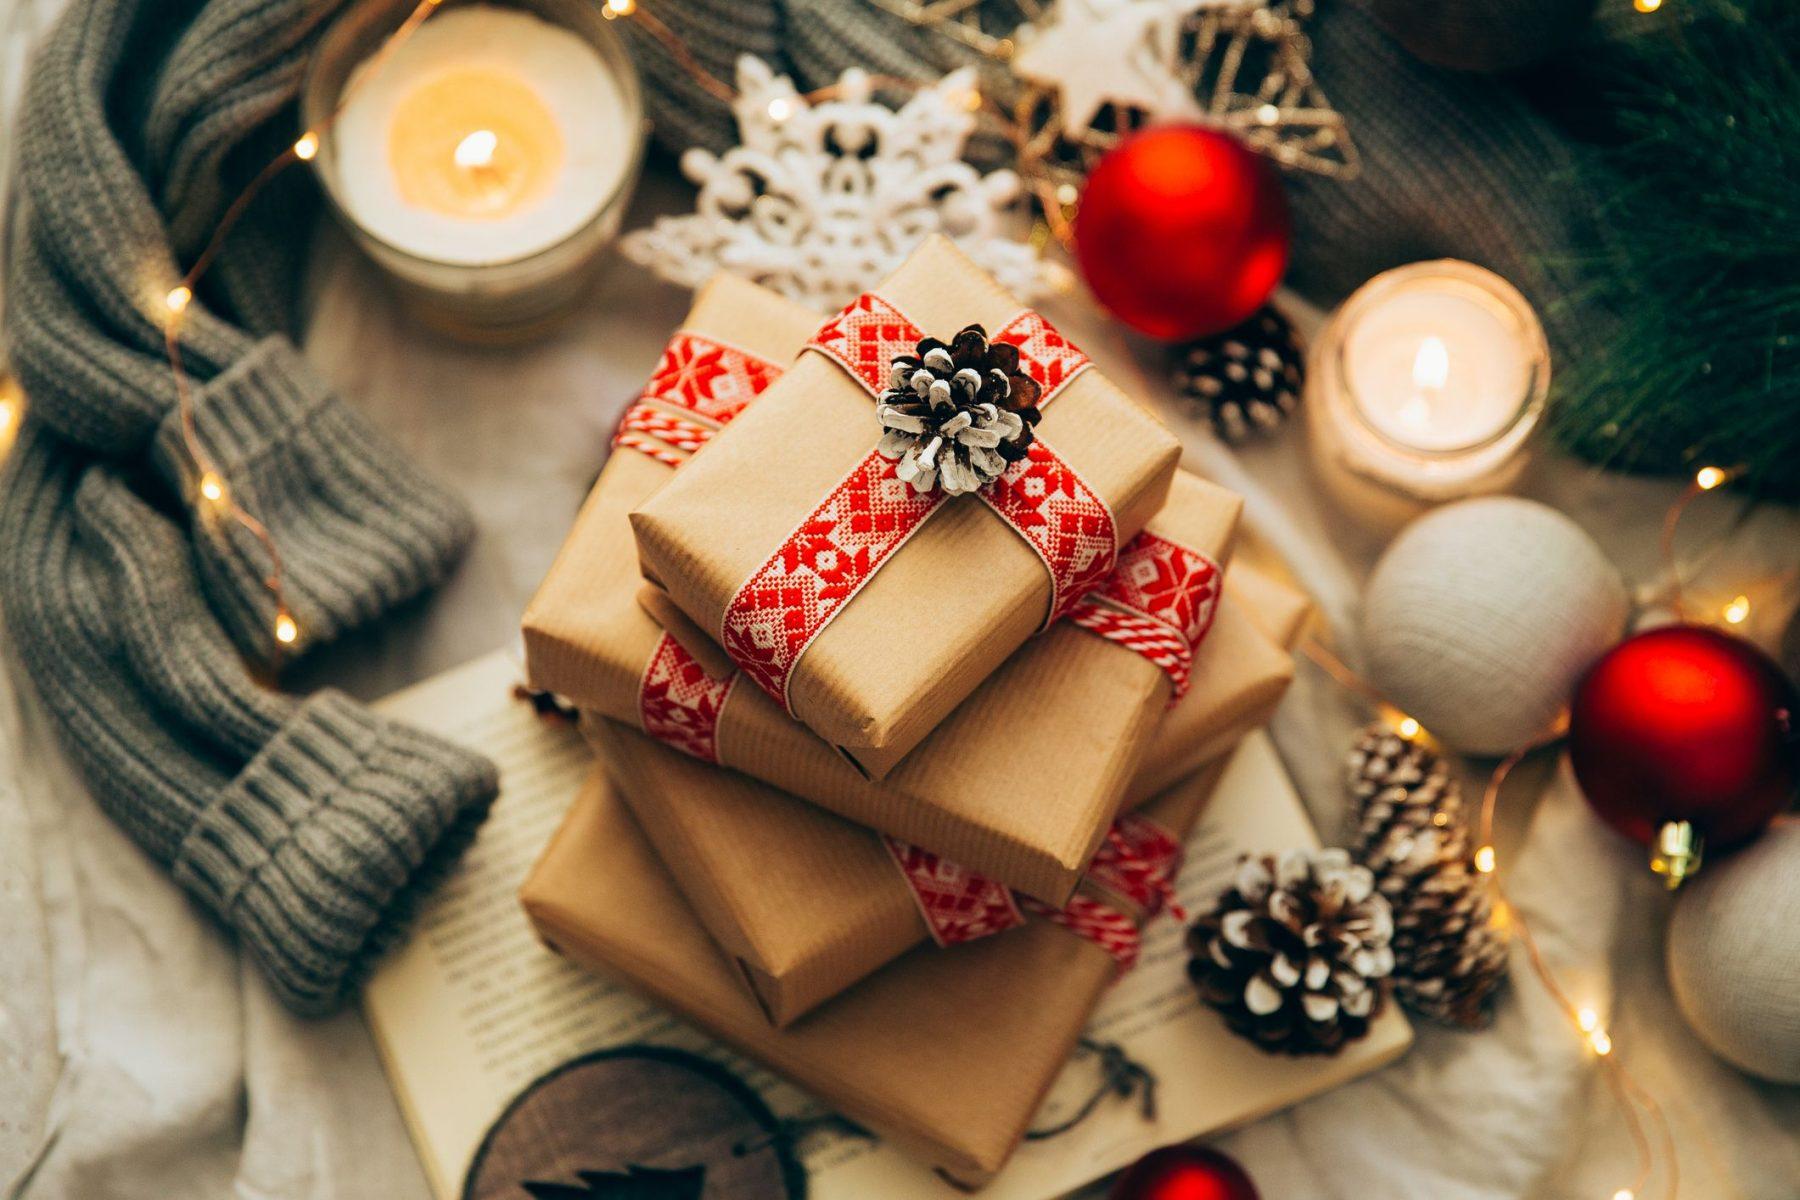 Διακοπές Δεκεμβρίου: Την έναρξη της γιορτινής περιόδου γιορτάζει η Doodle [pic,vid]